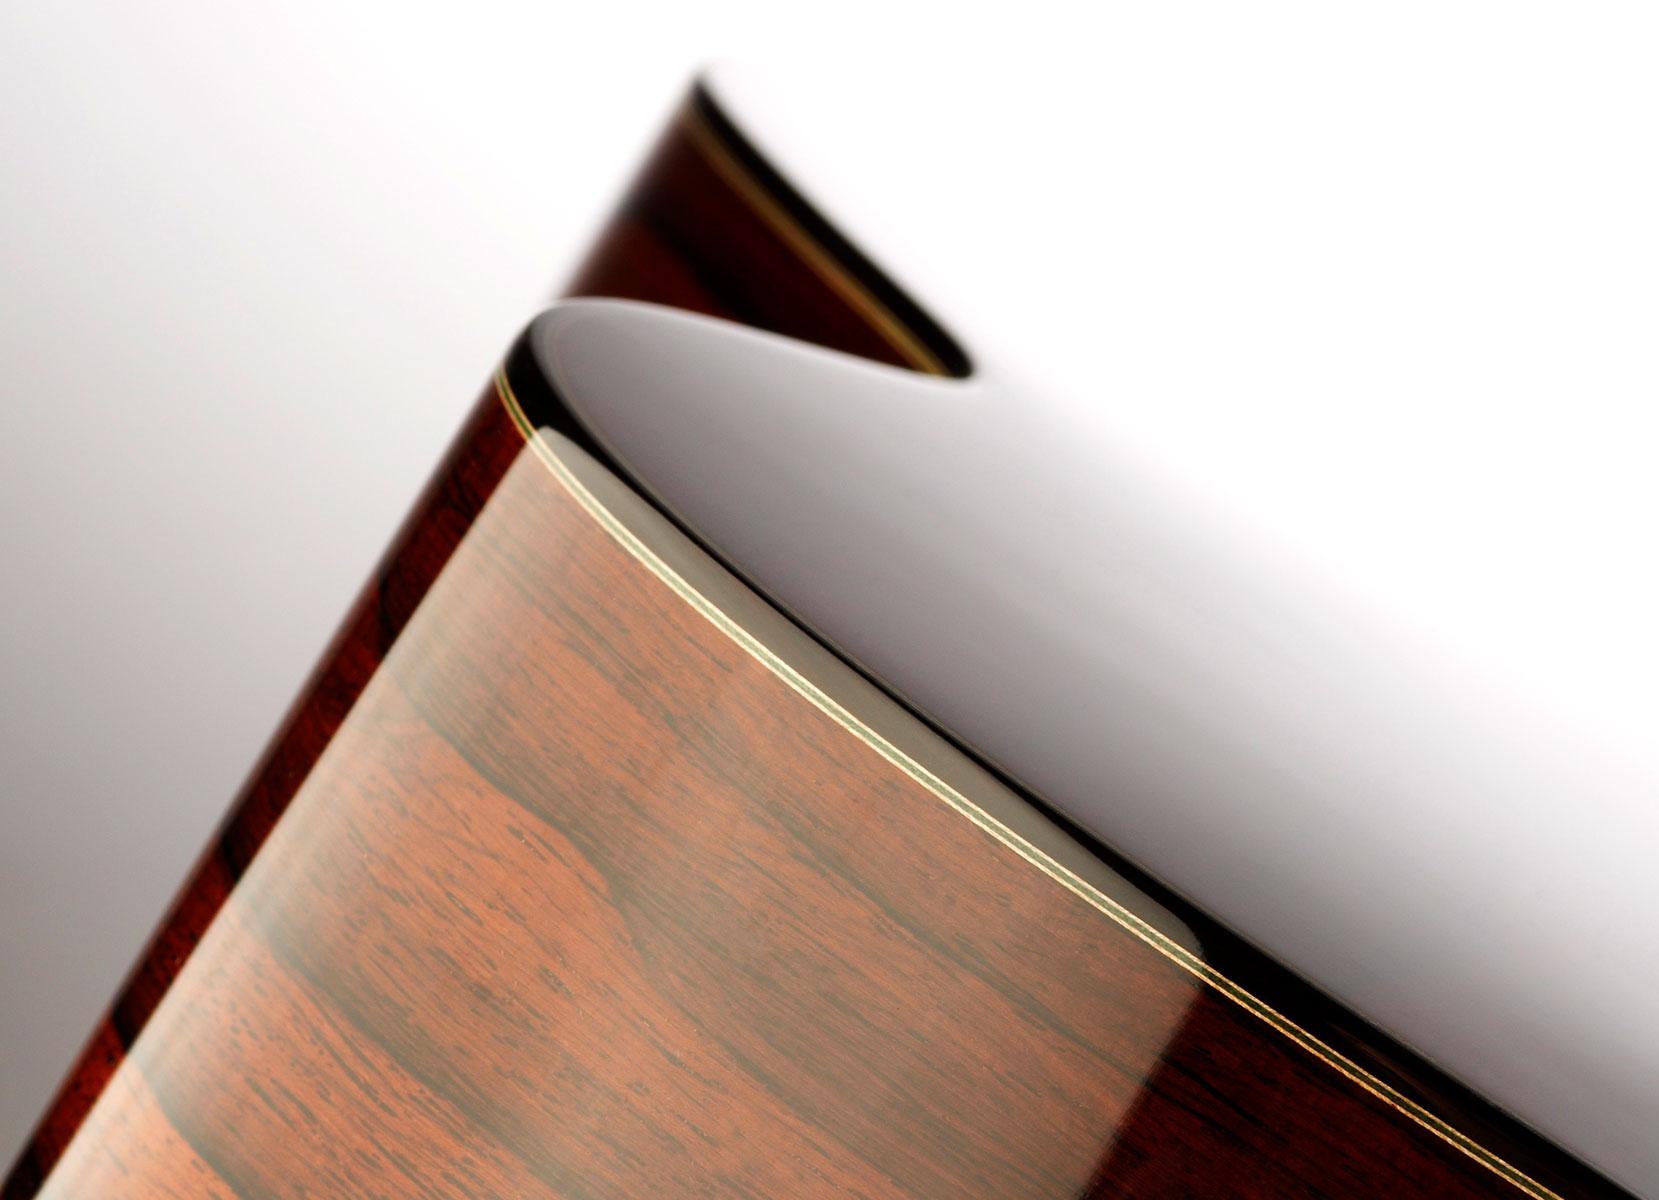 Werbefotografie Musikinstrument